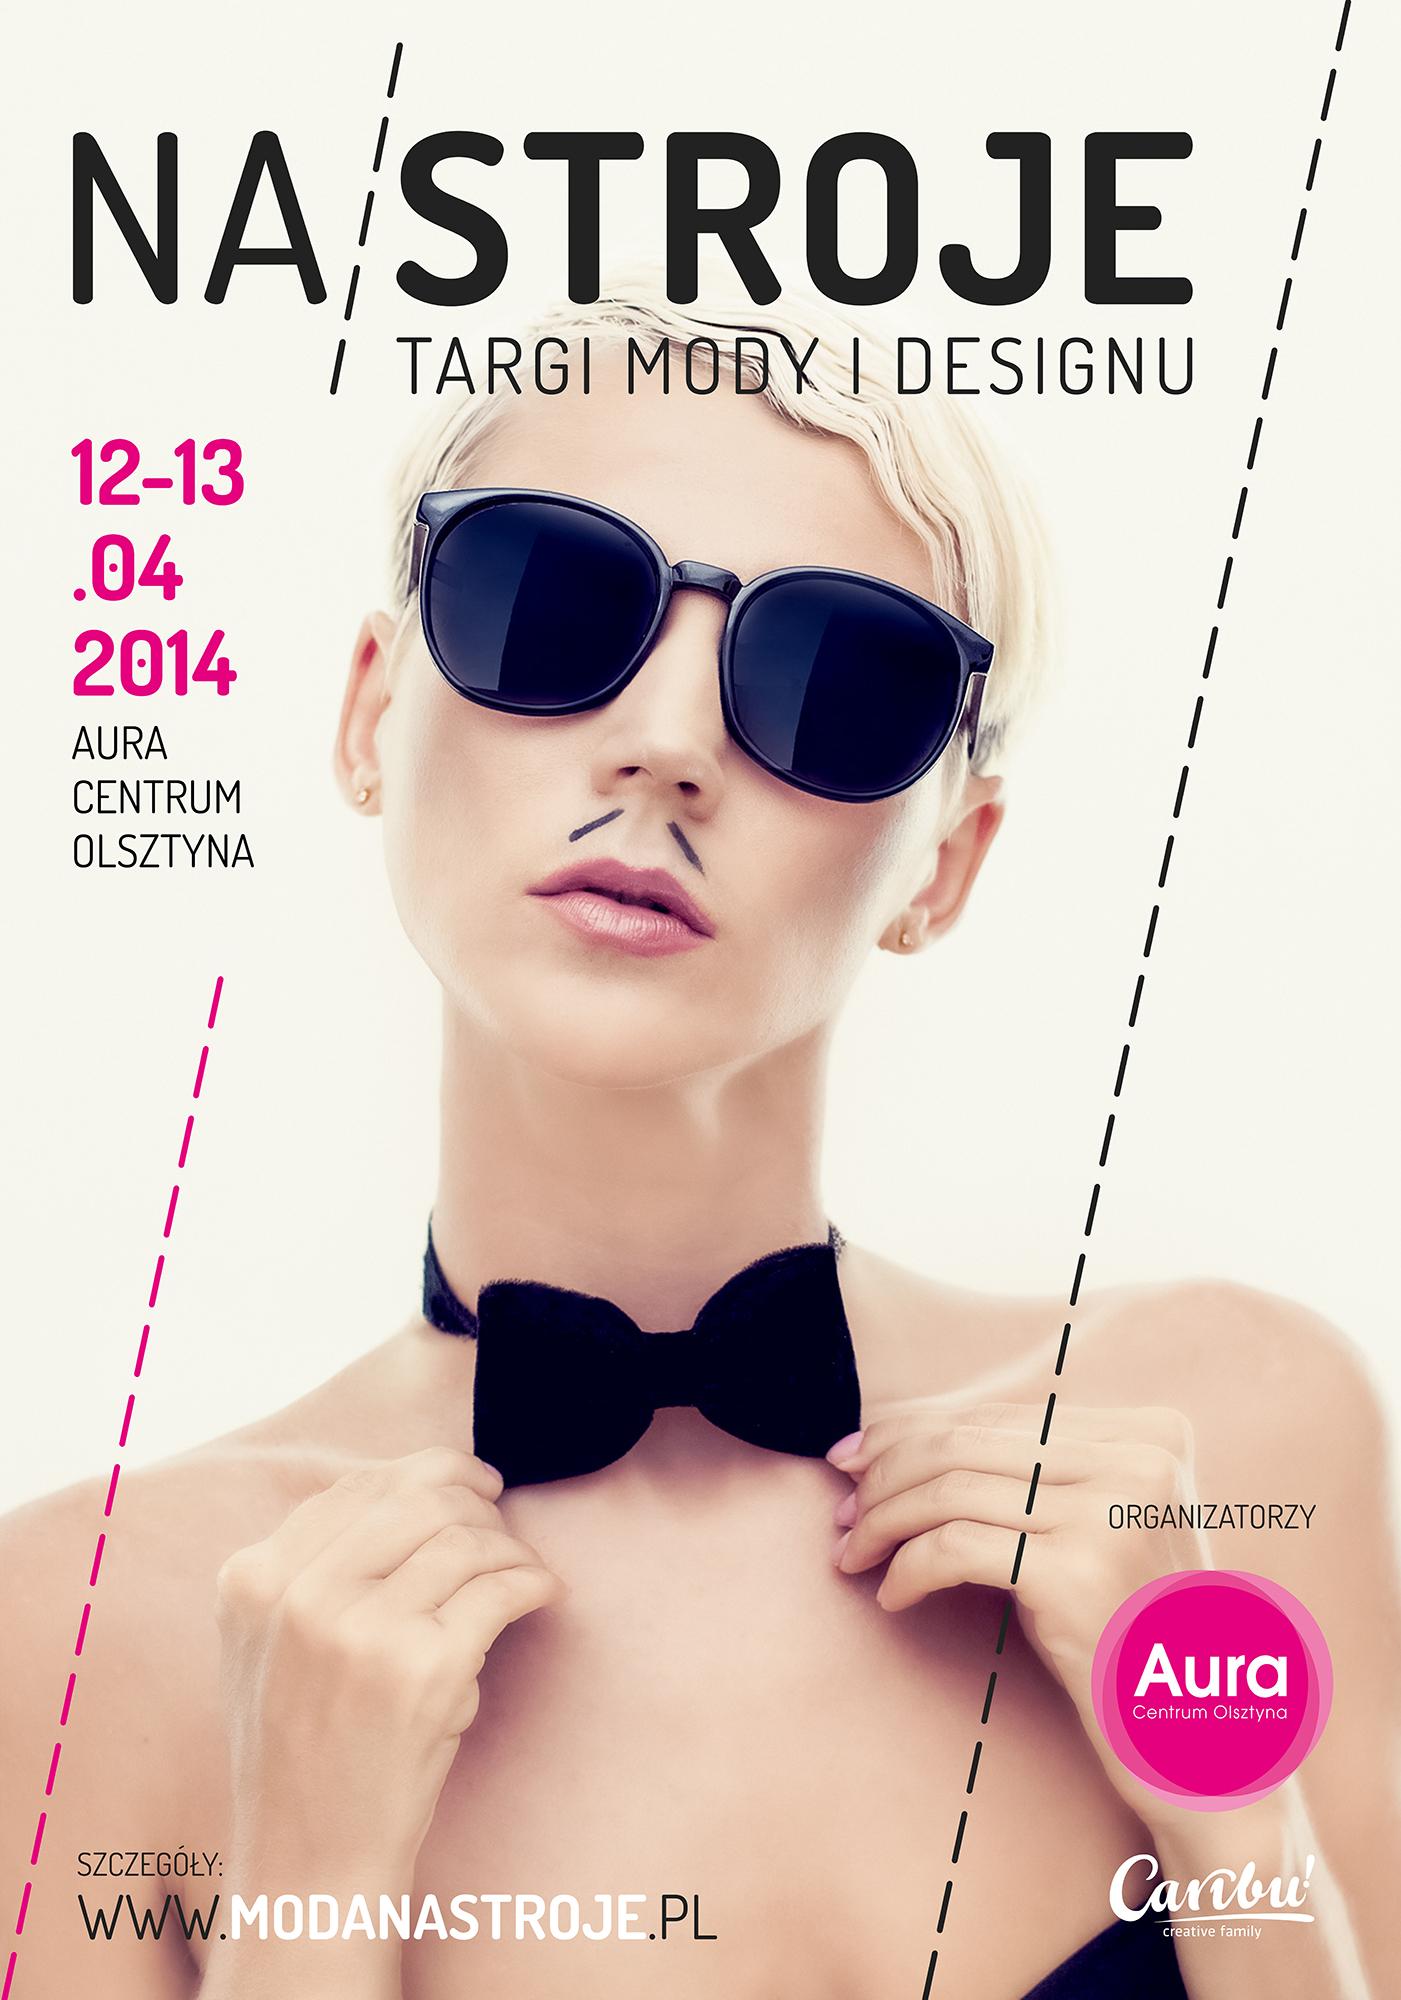 Targi mody i designu NA/STROJE w Olsztynie w centrum Aura 12-13 kwietnia 2014